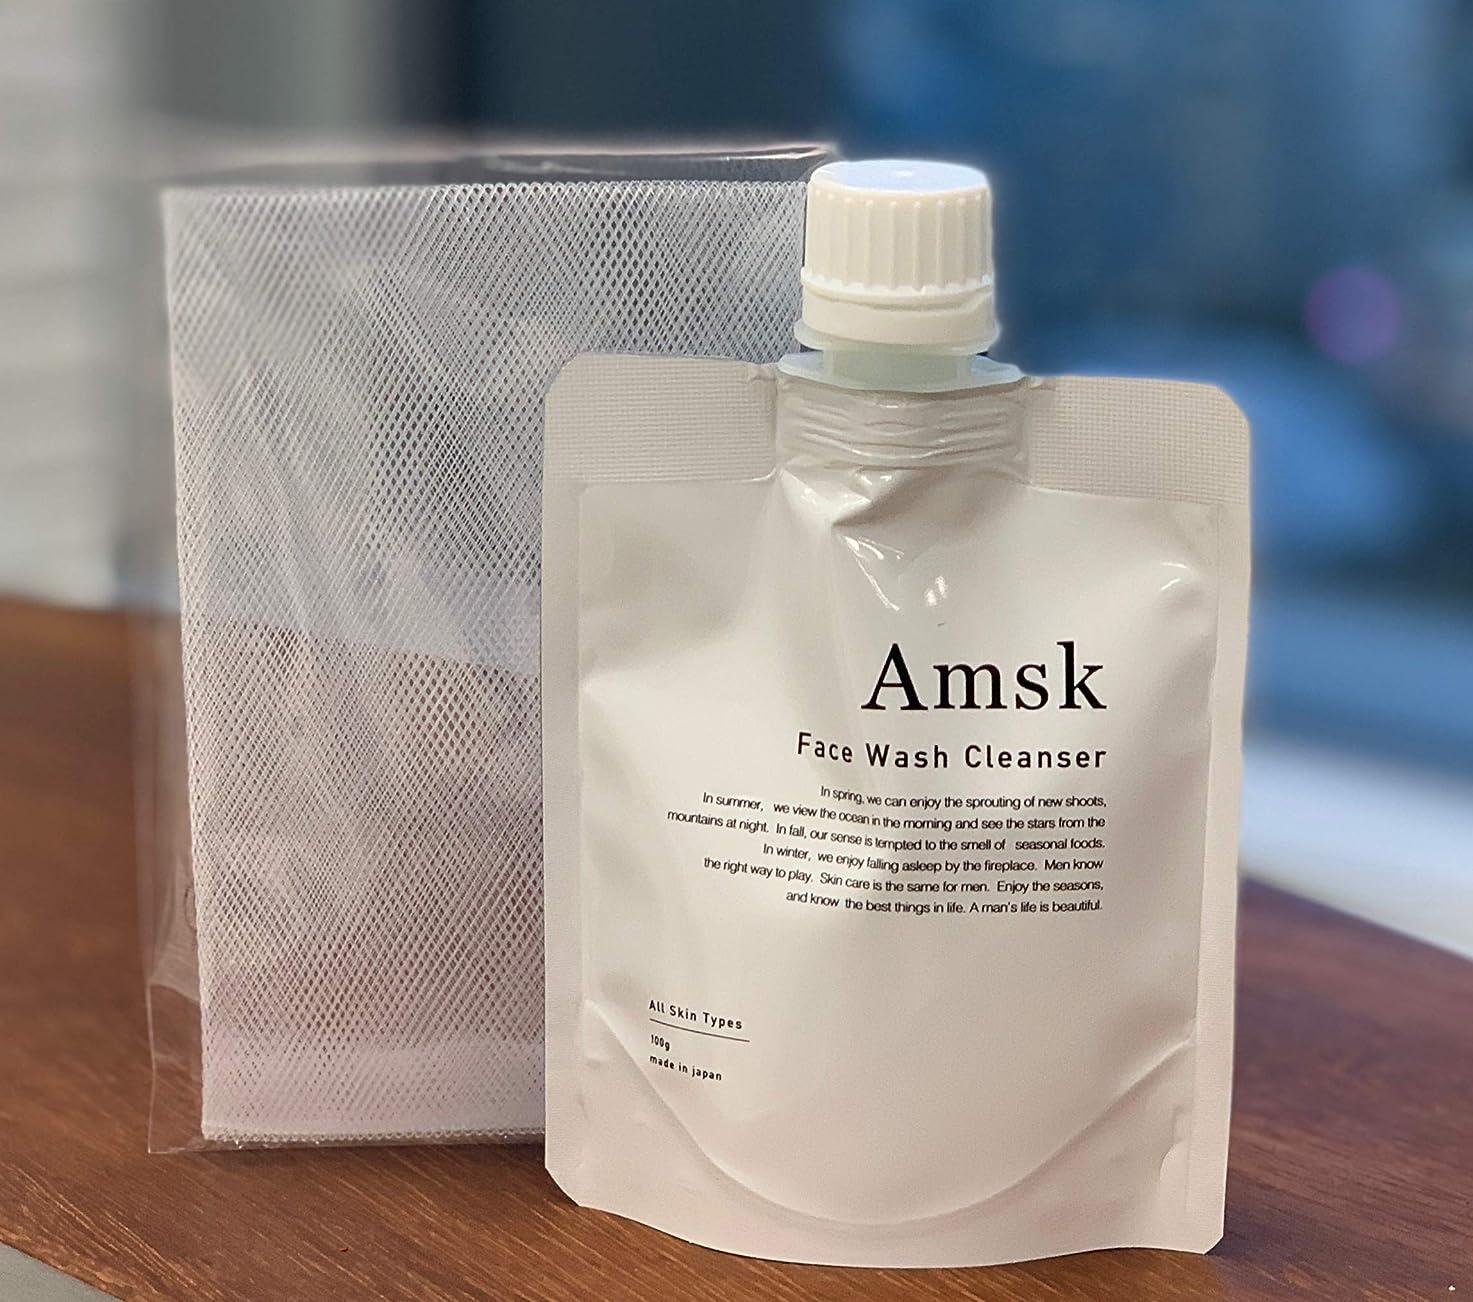 ブロー気楽な価値のないニューステクノロジー Amsk フェイスウォッシュクレンザー 100g